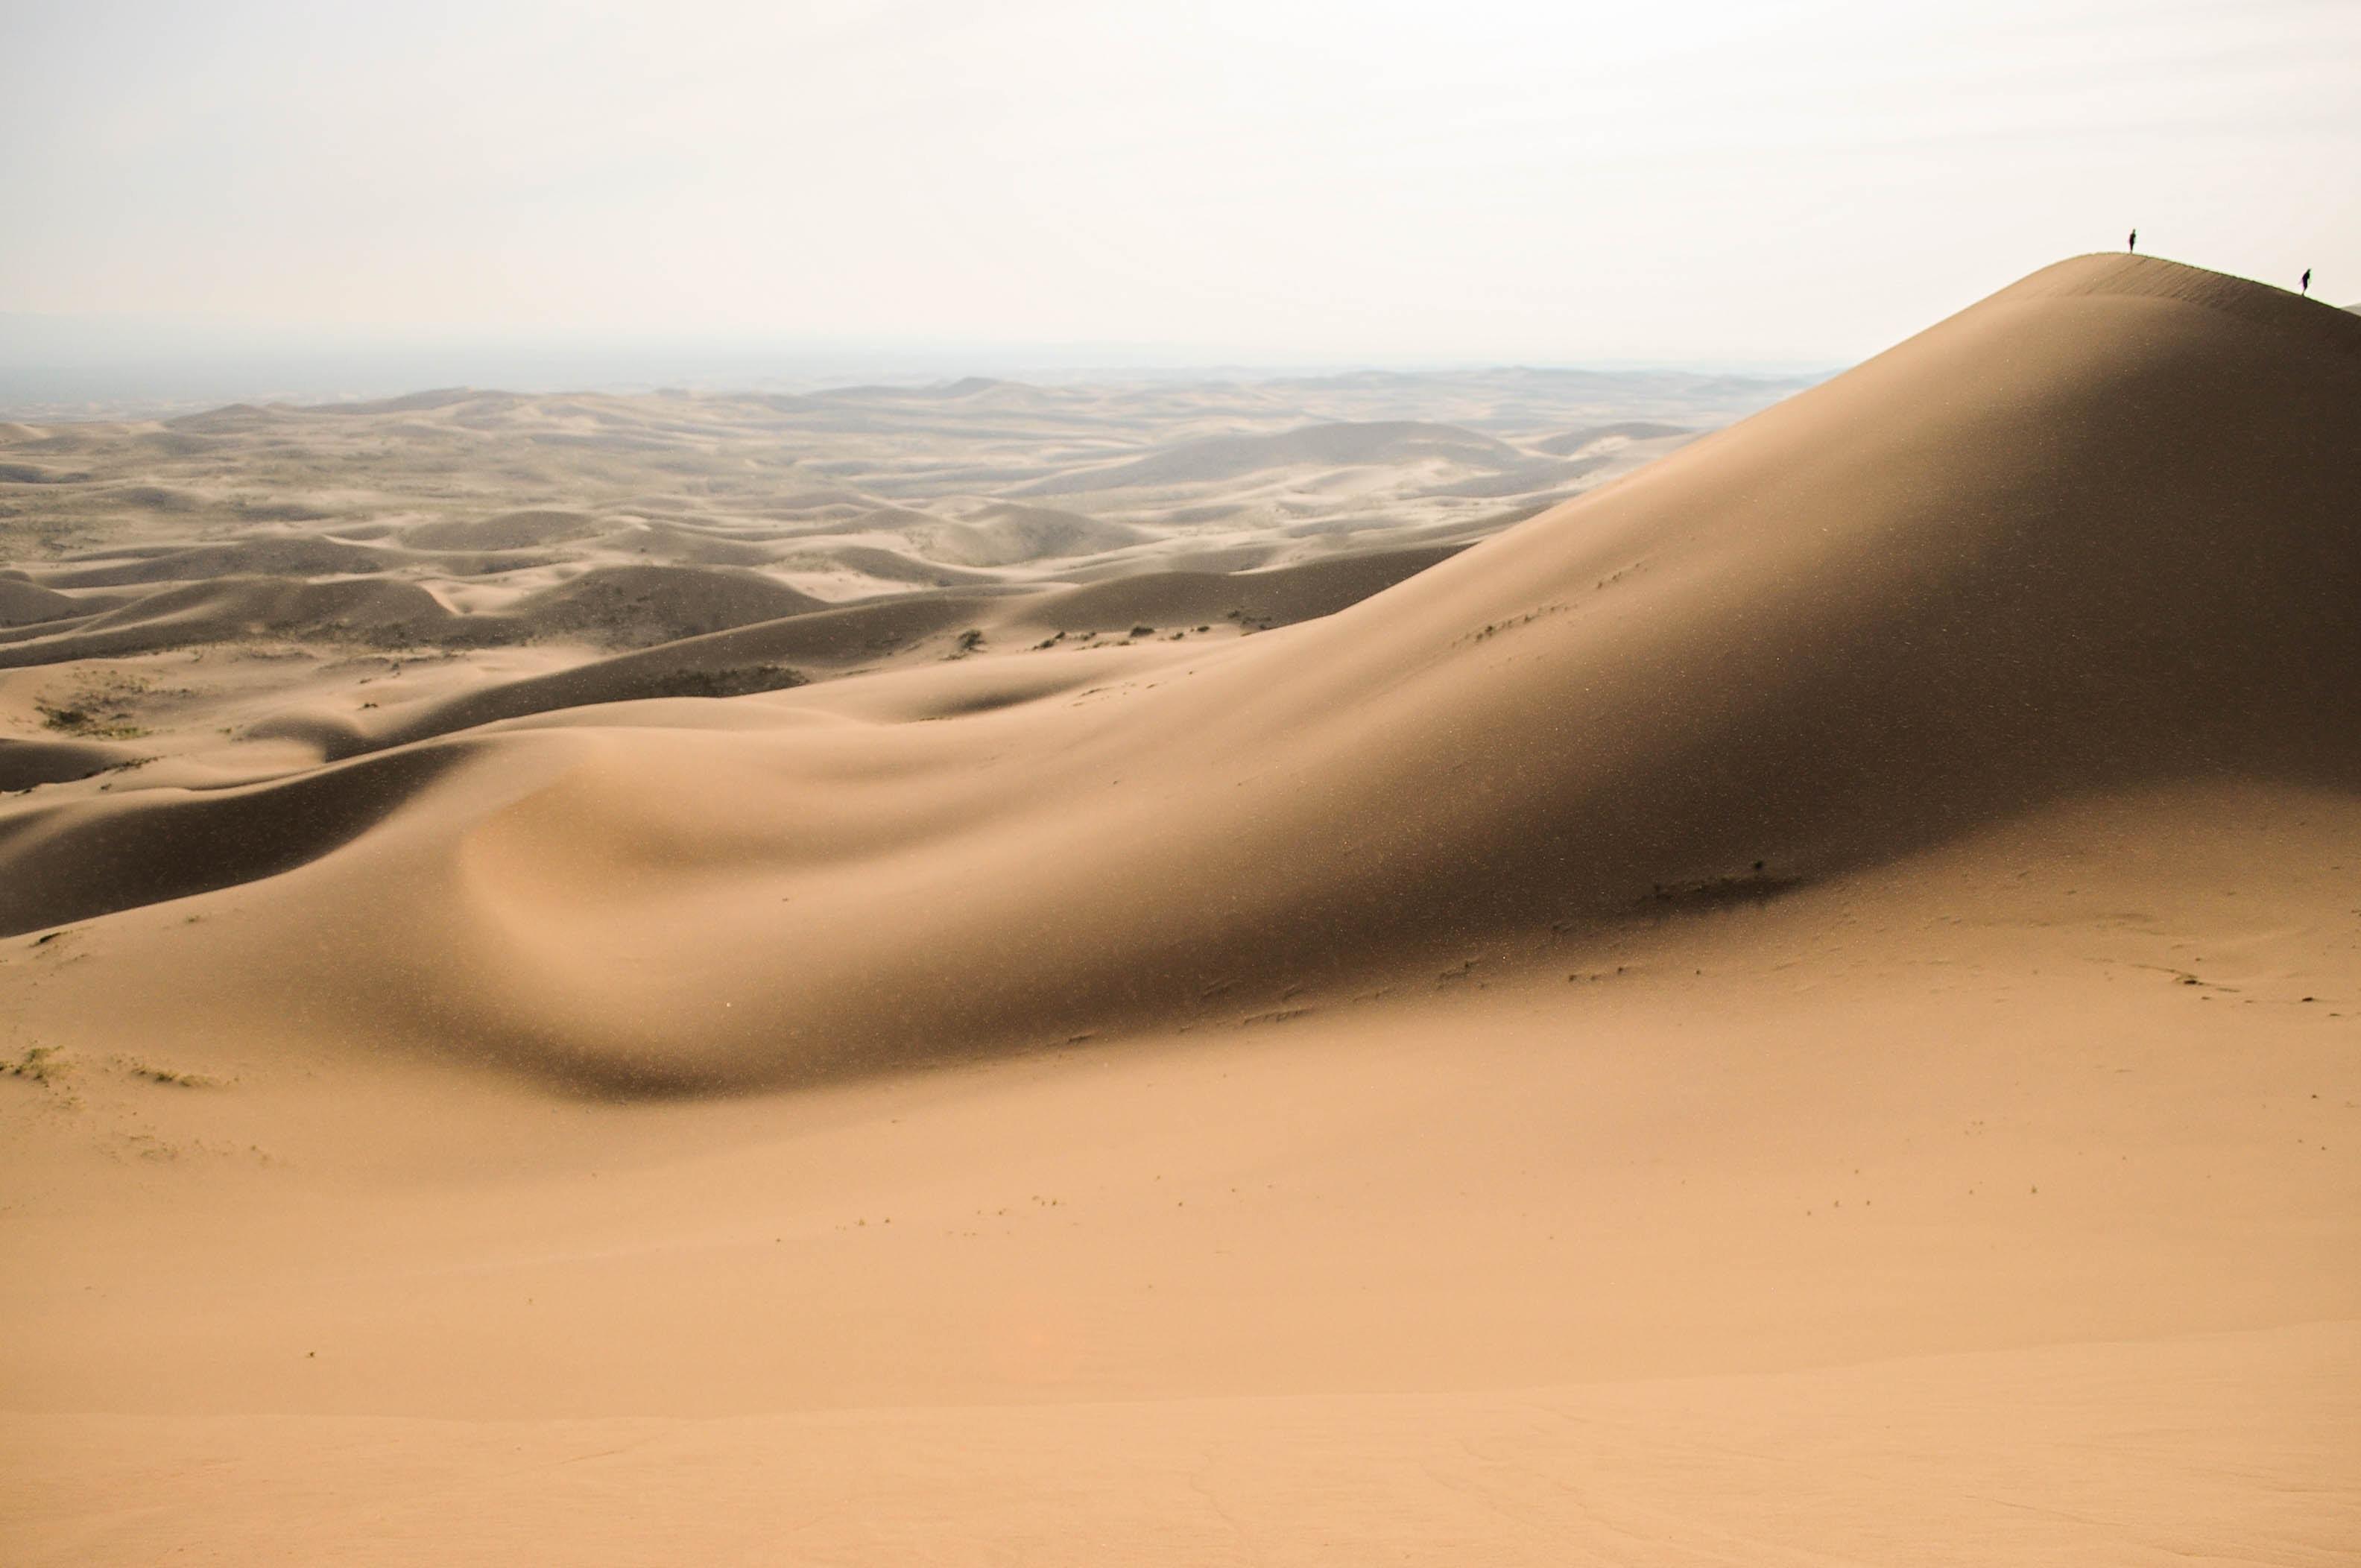 Mongolie : balade à travers le désert de Gobi